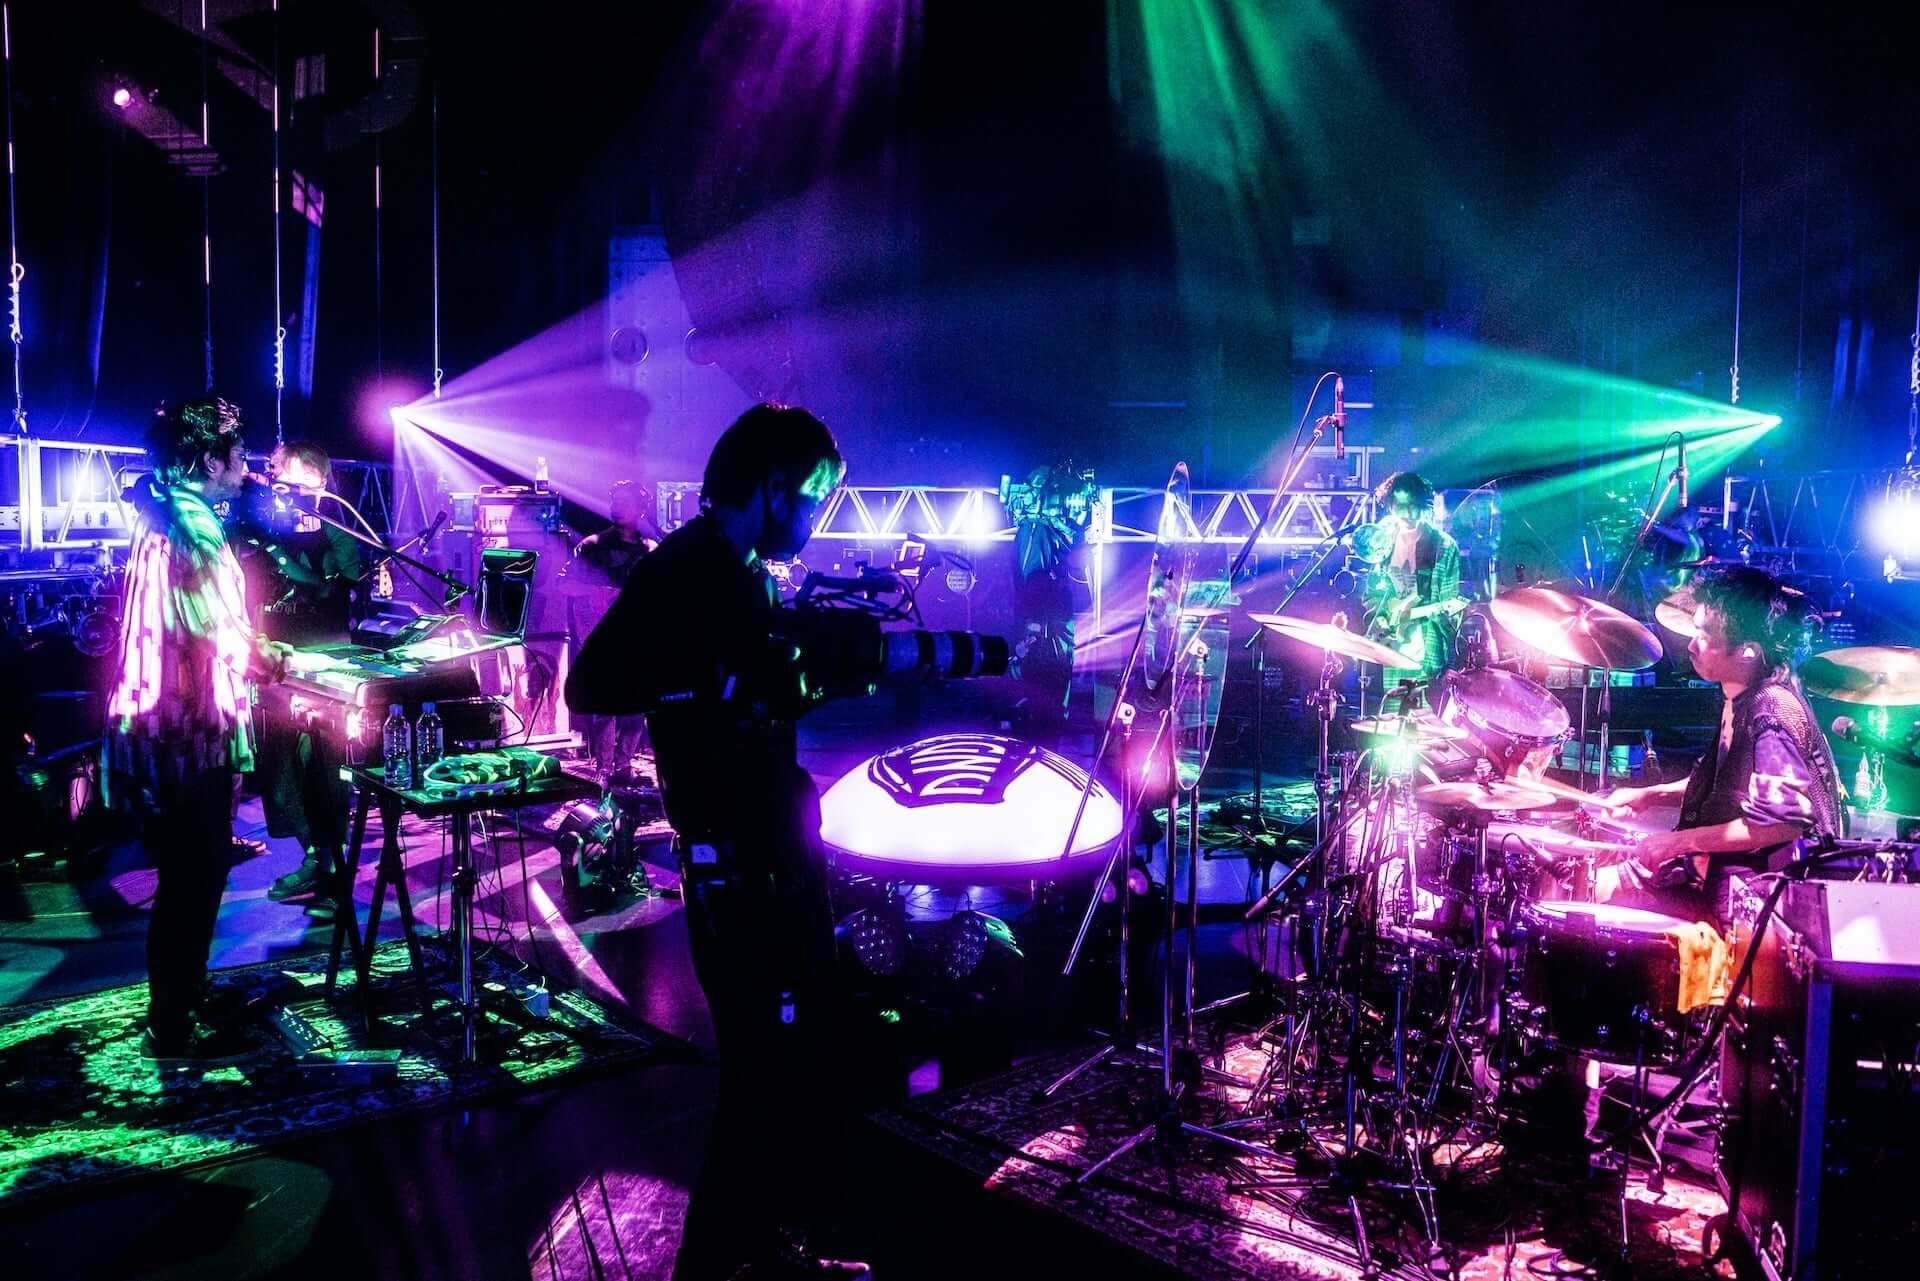 King Gnuがバンド初の配信ライブ<King Gnu Streaming Live>を実施!ライブレポートが到着 music200831_kinggnu-live_2-1920x1281